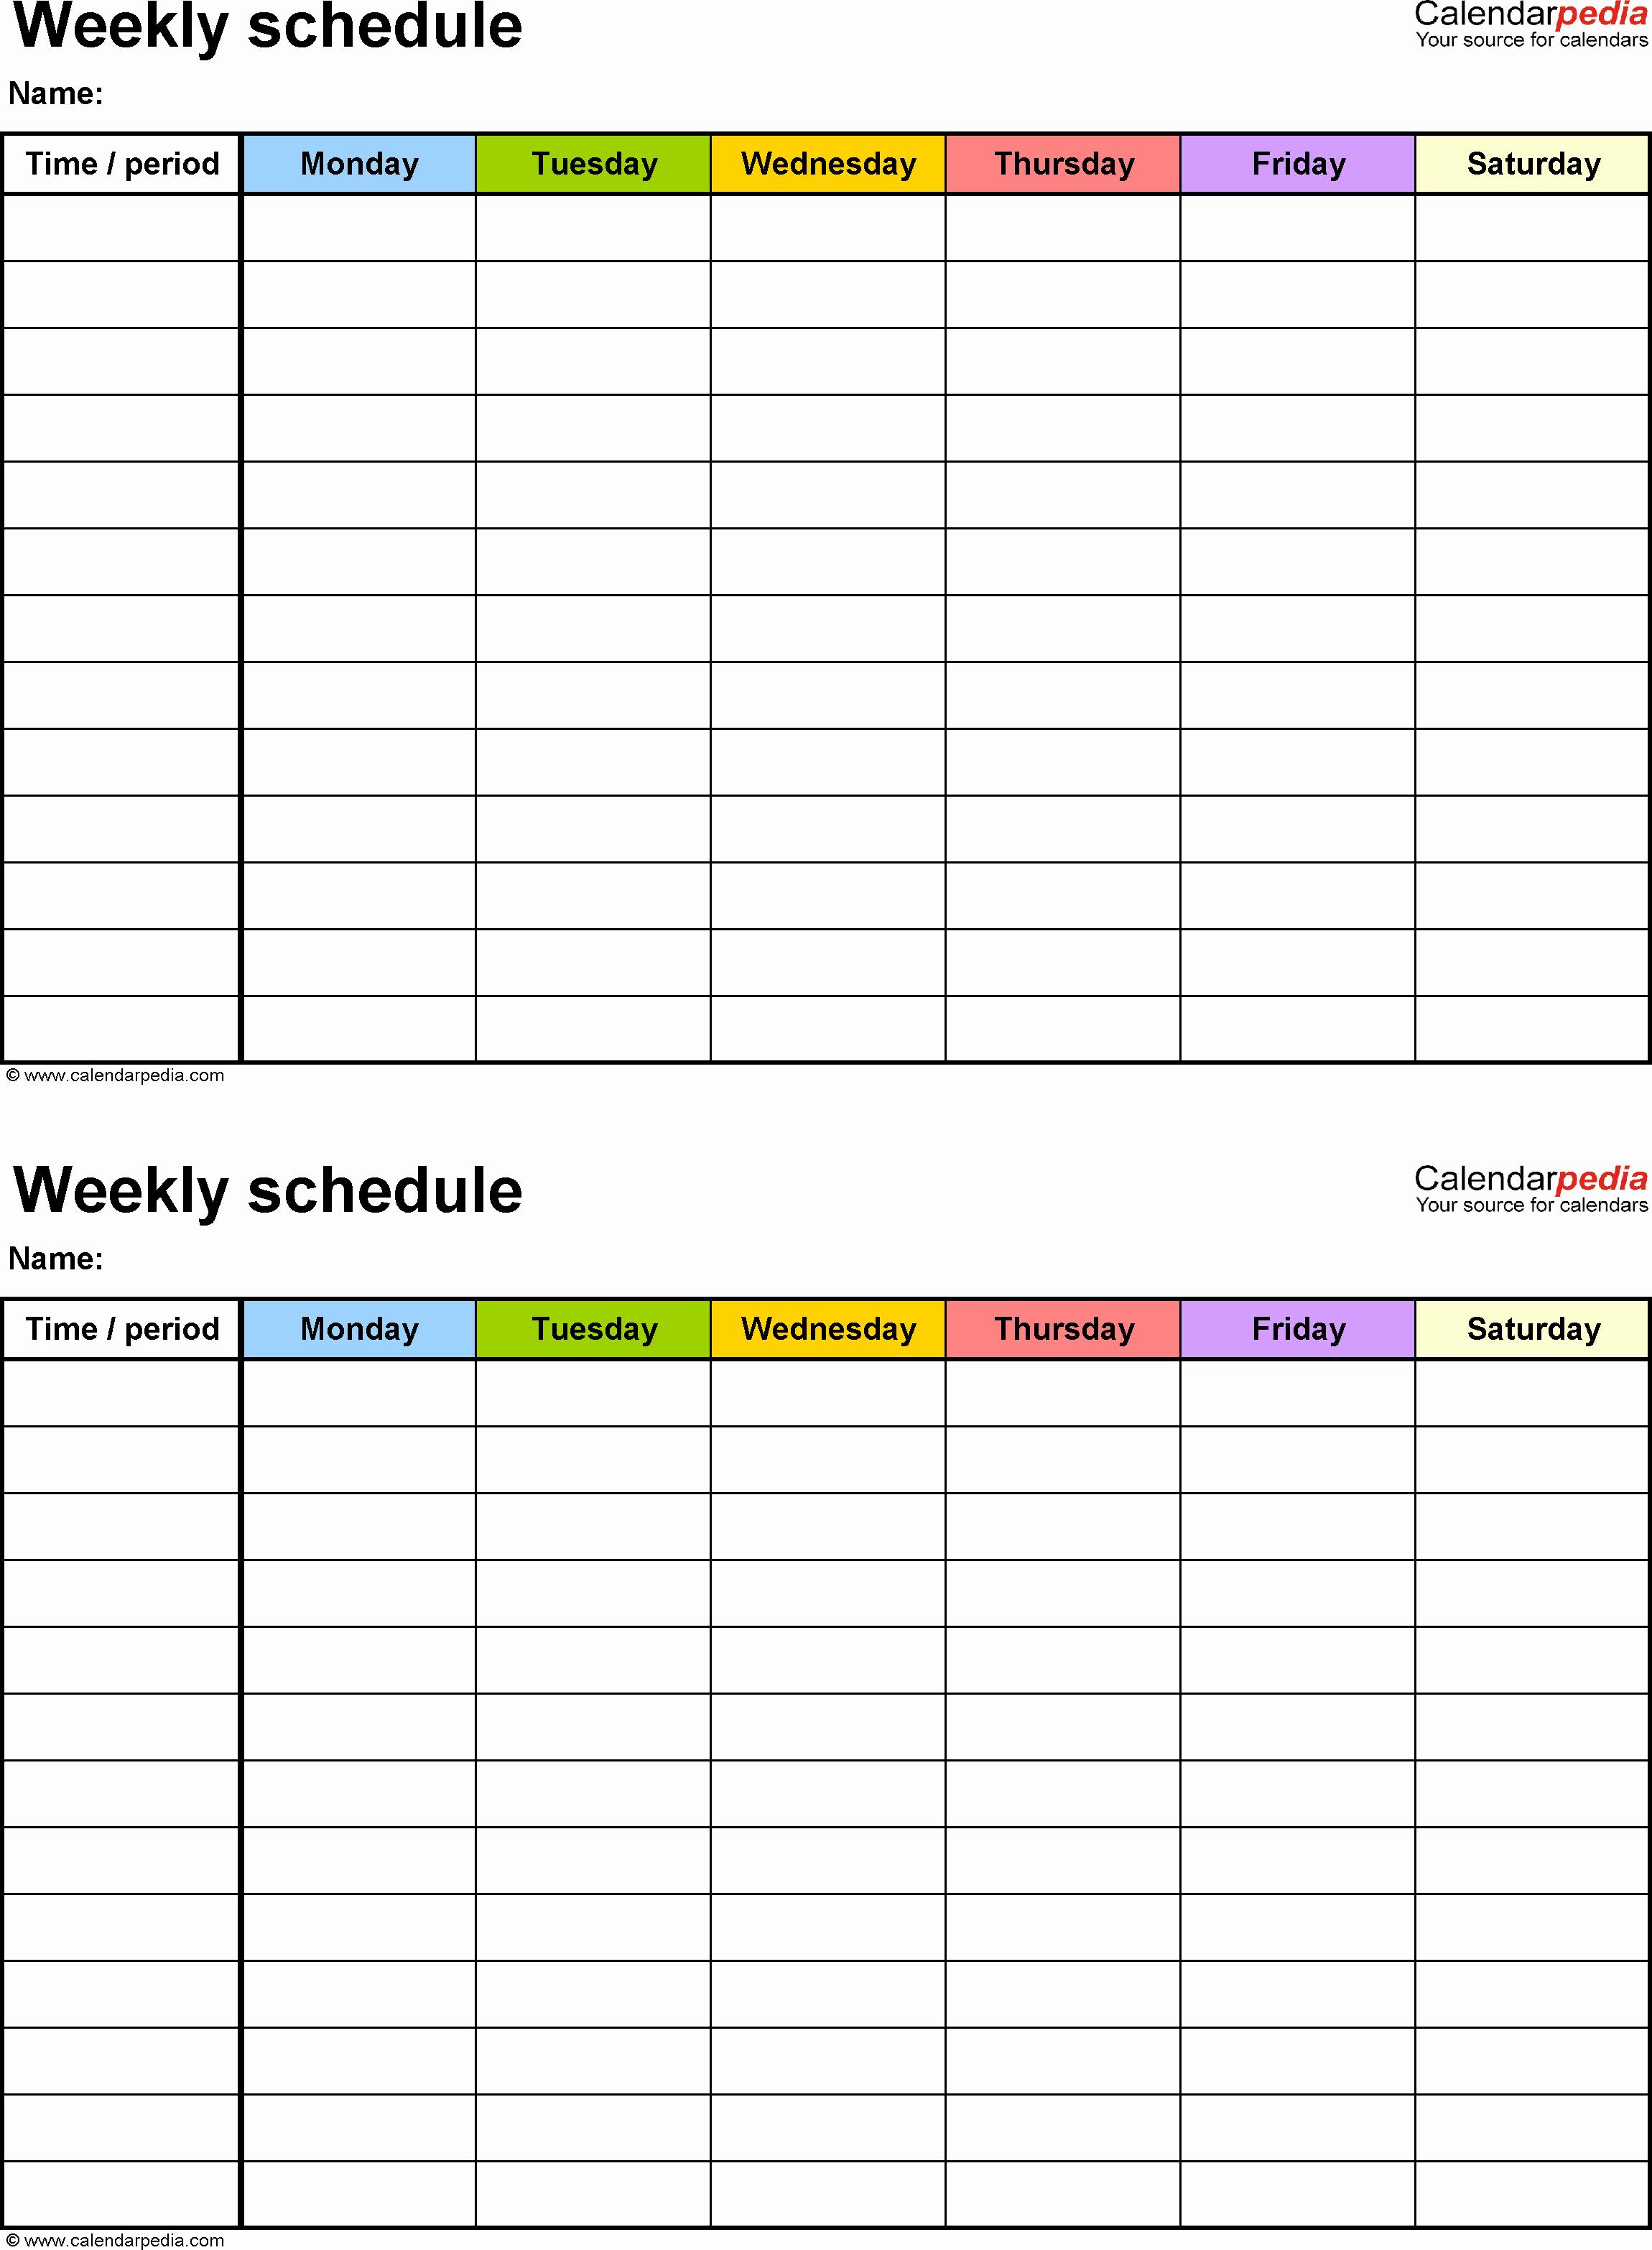 2 Week Schedule Template Elegant Free Weekly Schedule Templates for Pdf 18 Templates